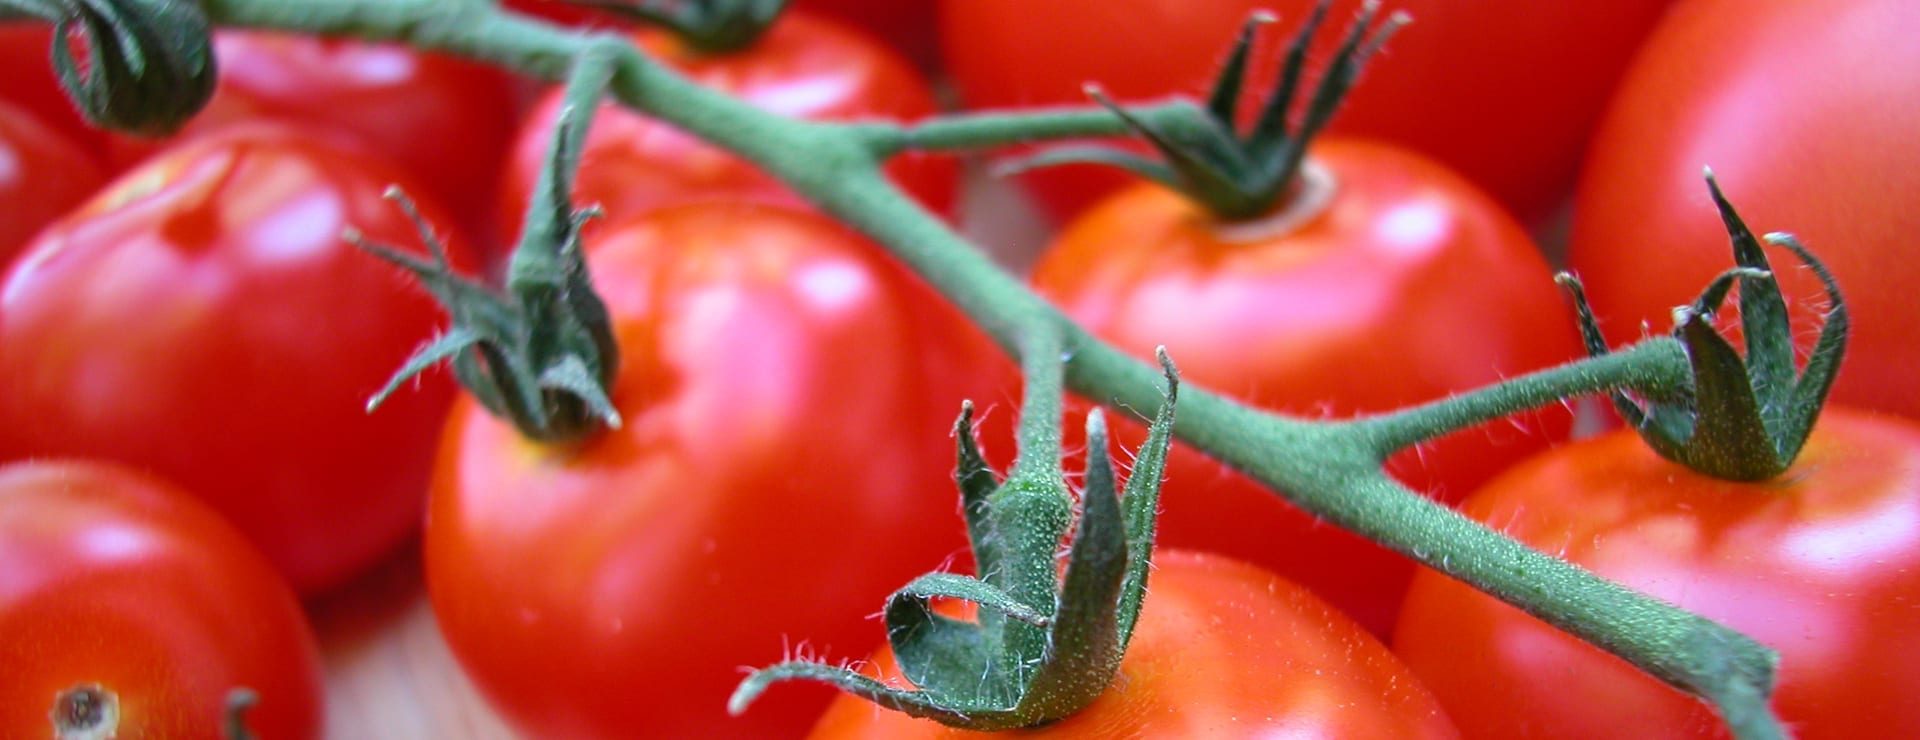 Viljelyohje: Tomaatti rakastaa lämpöä ja valoa!